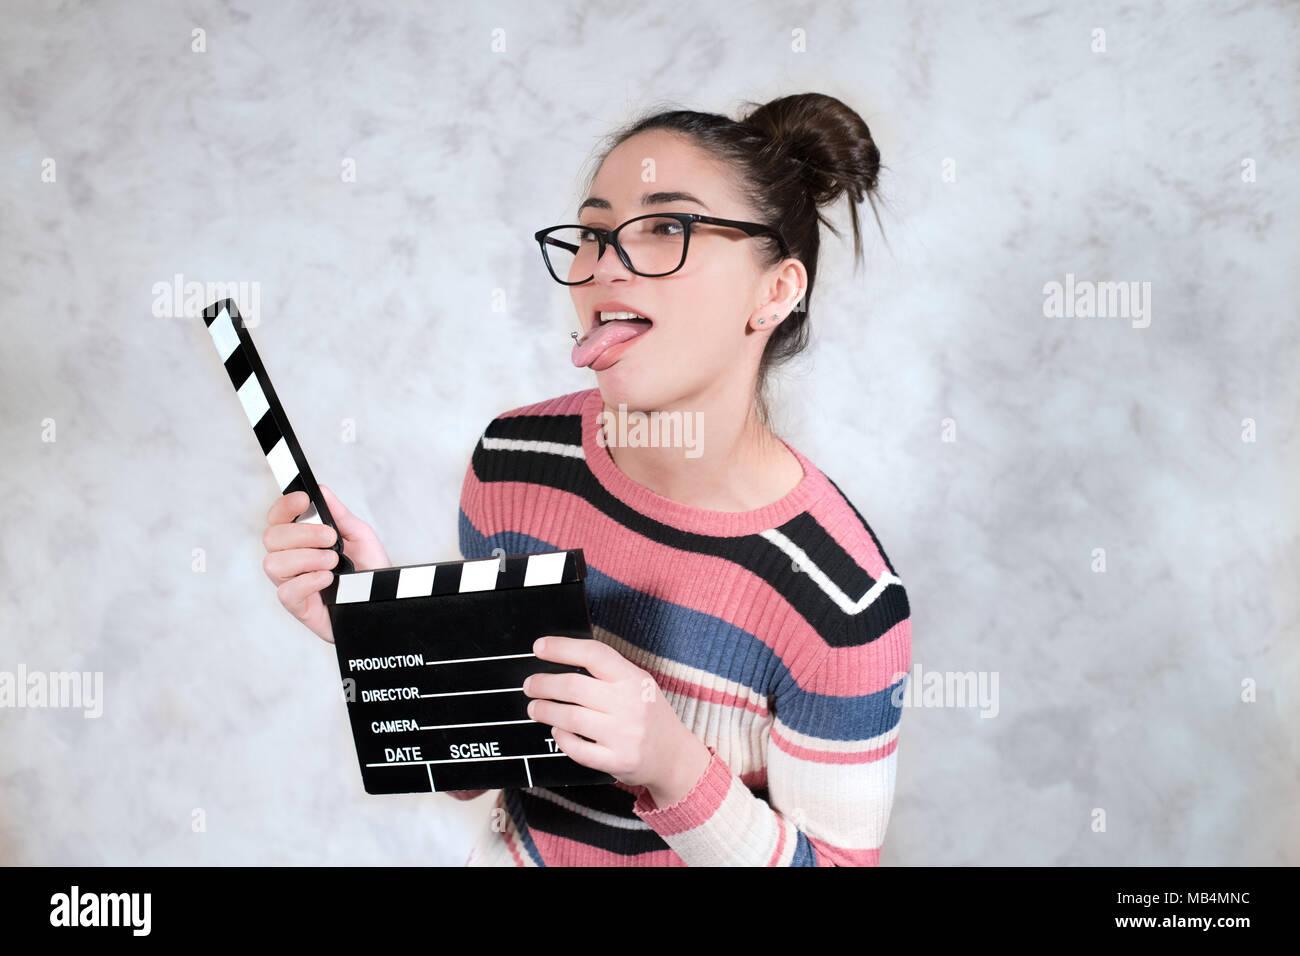 Joven actriz comedia divertido mueca expresión de cara boca abierta con movie clapper board Imagen De Stock